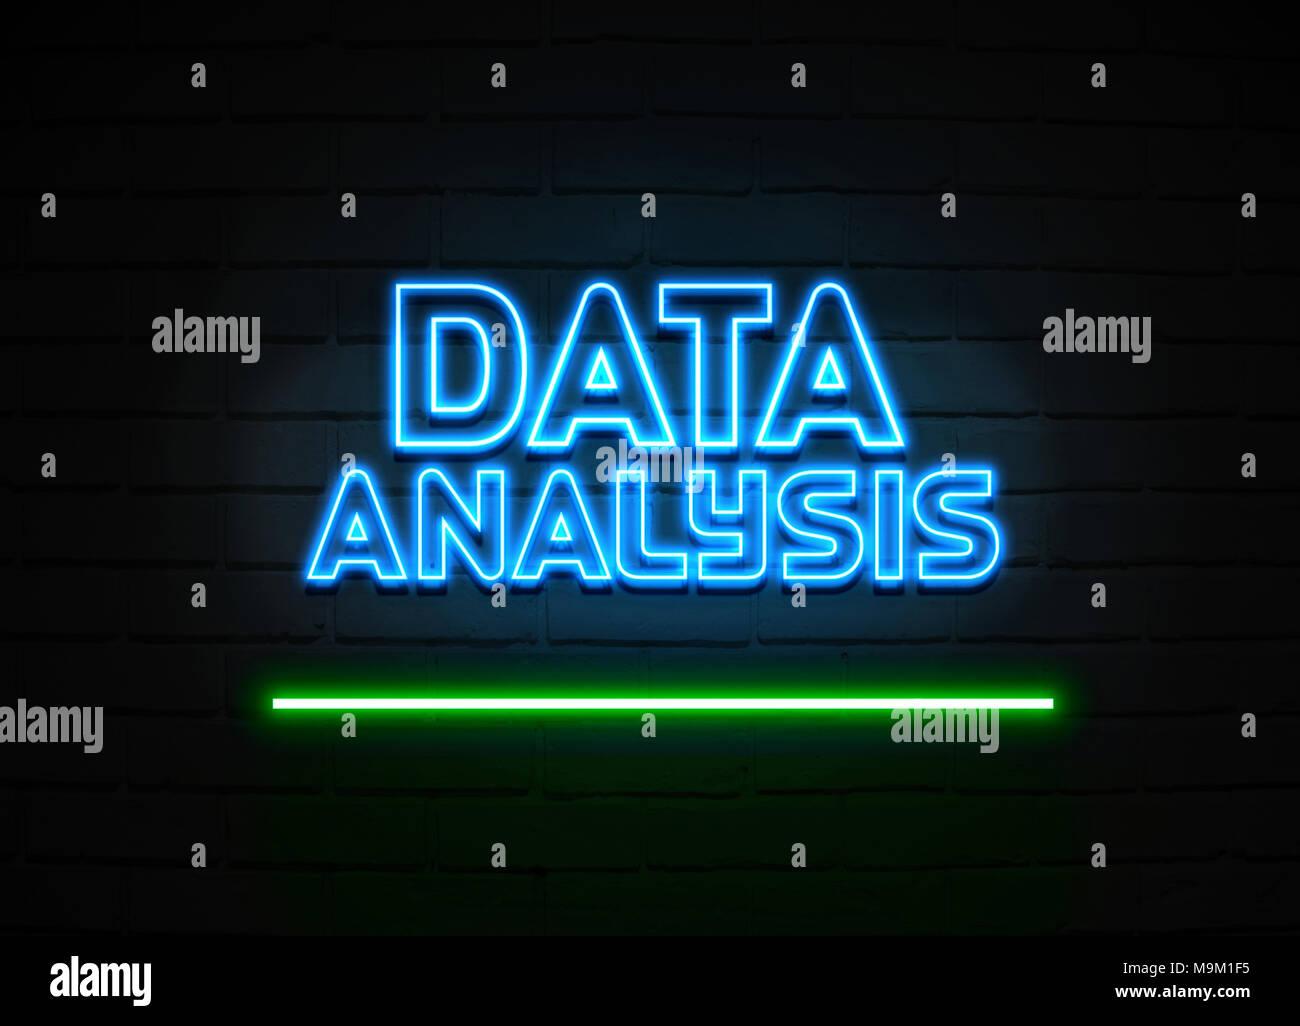 Datenanalyse Leuchtreklame - glühende Leuchtreklame auf brickwall Wand - 3D-Royalty Free Stock Illustration dargestellt. Stockfoto